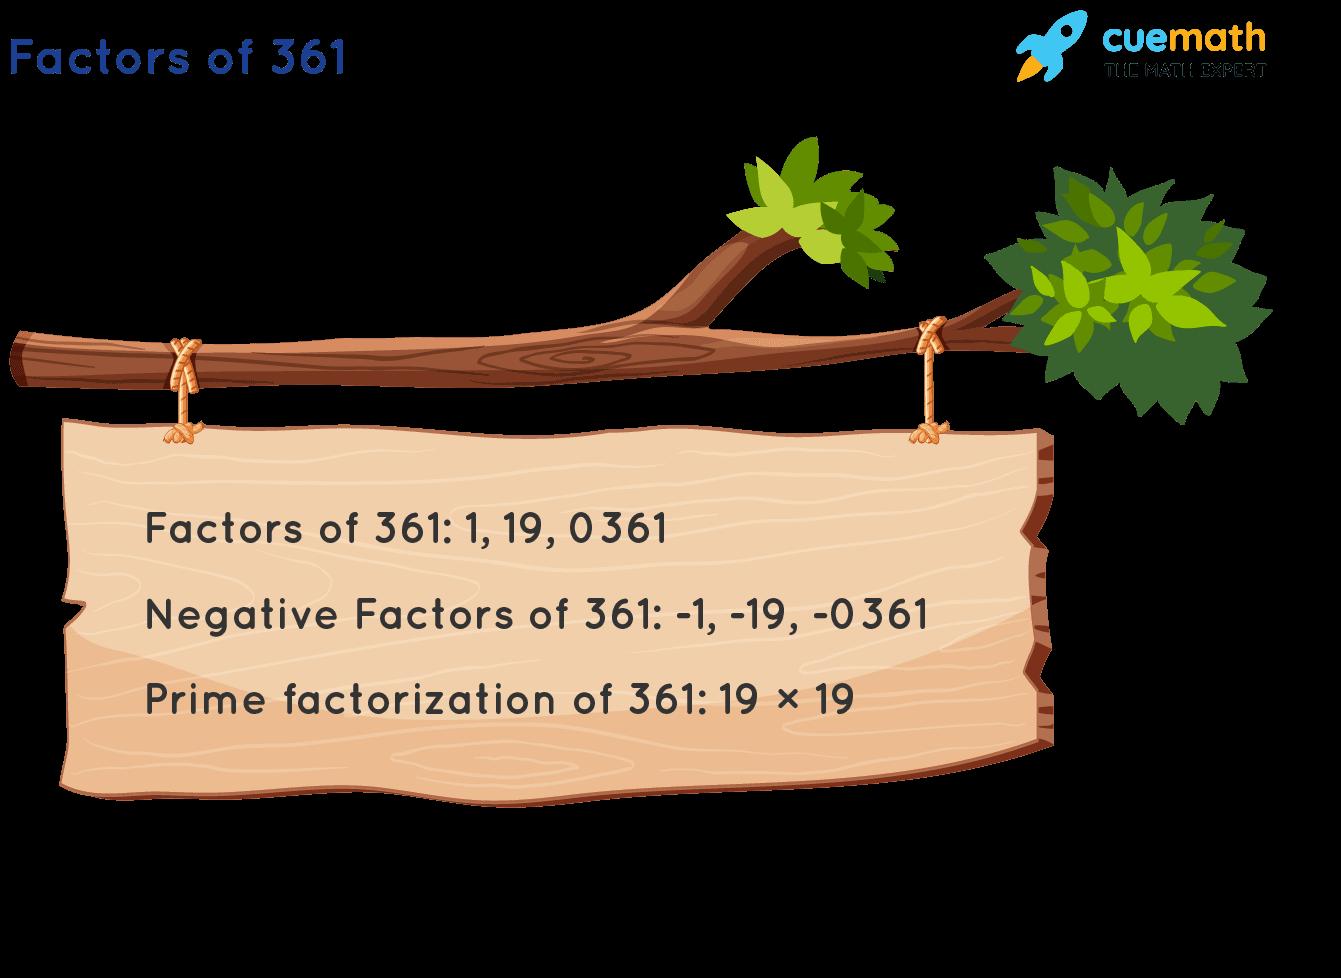 Factors of 361